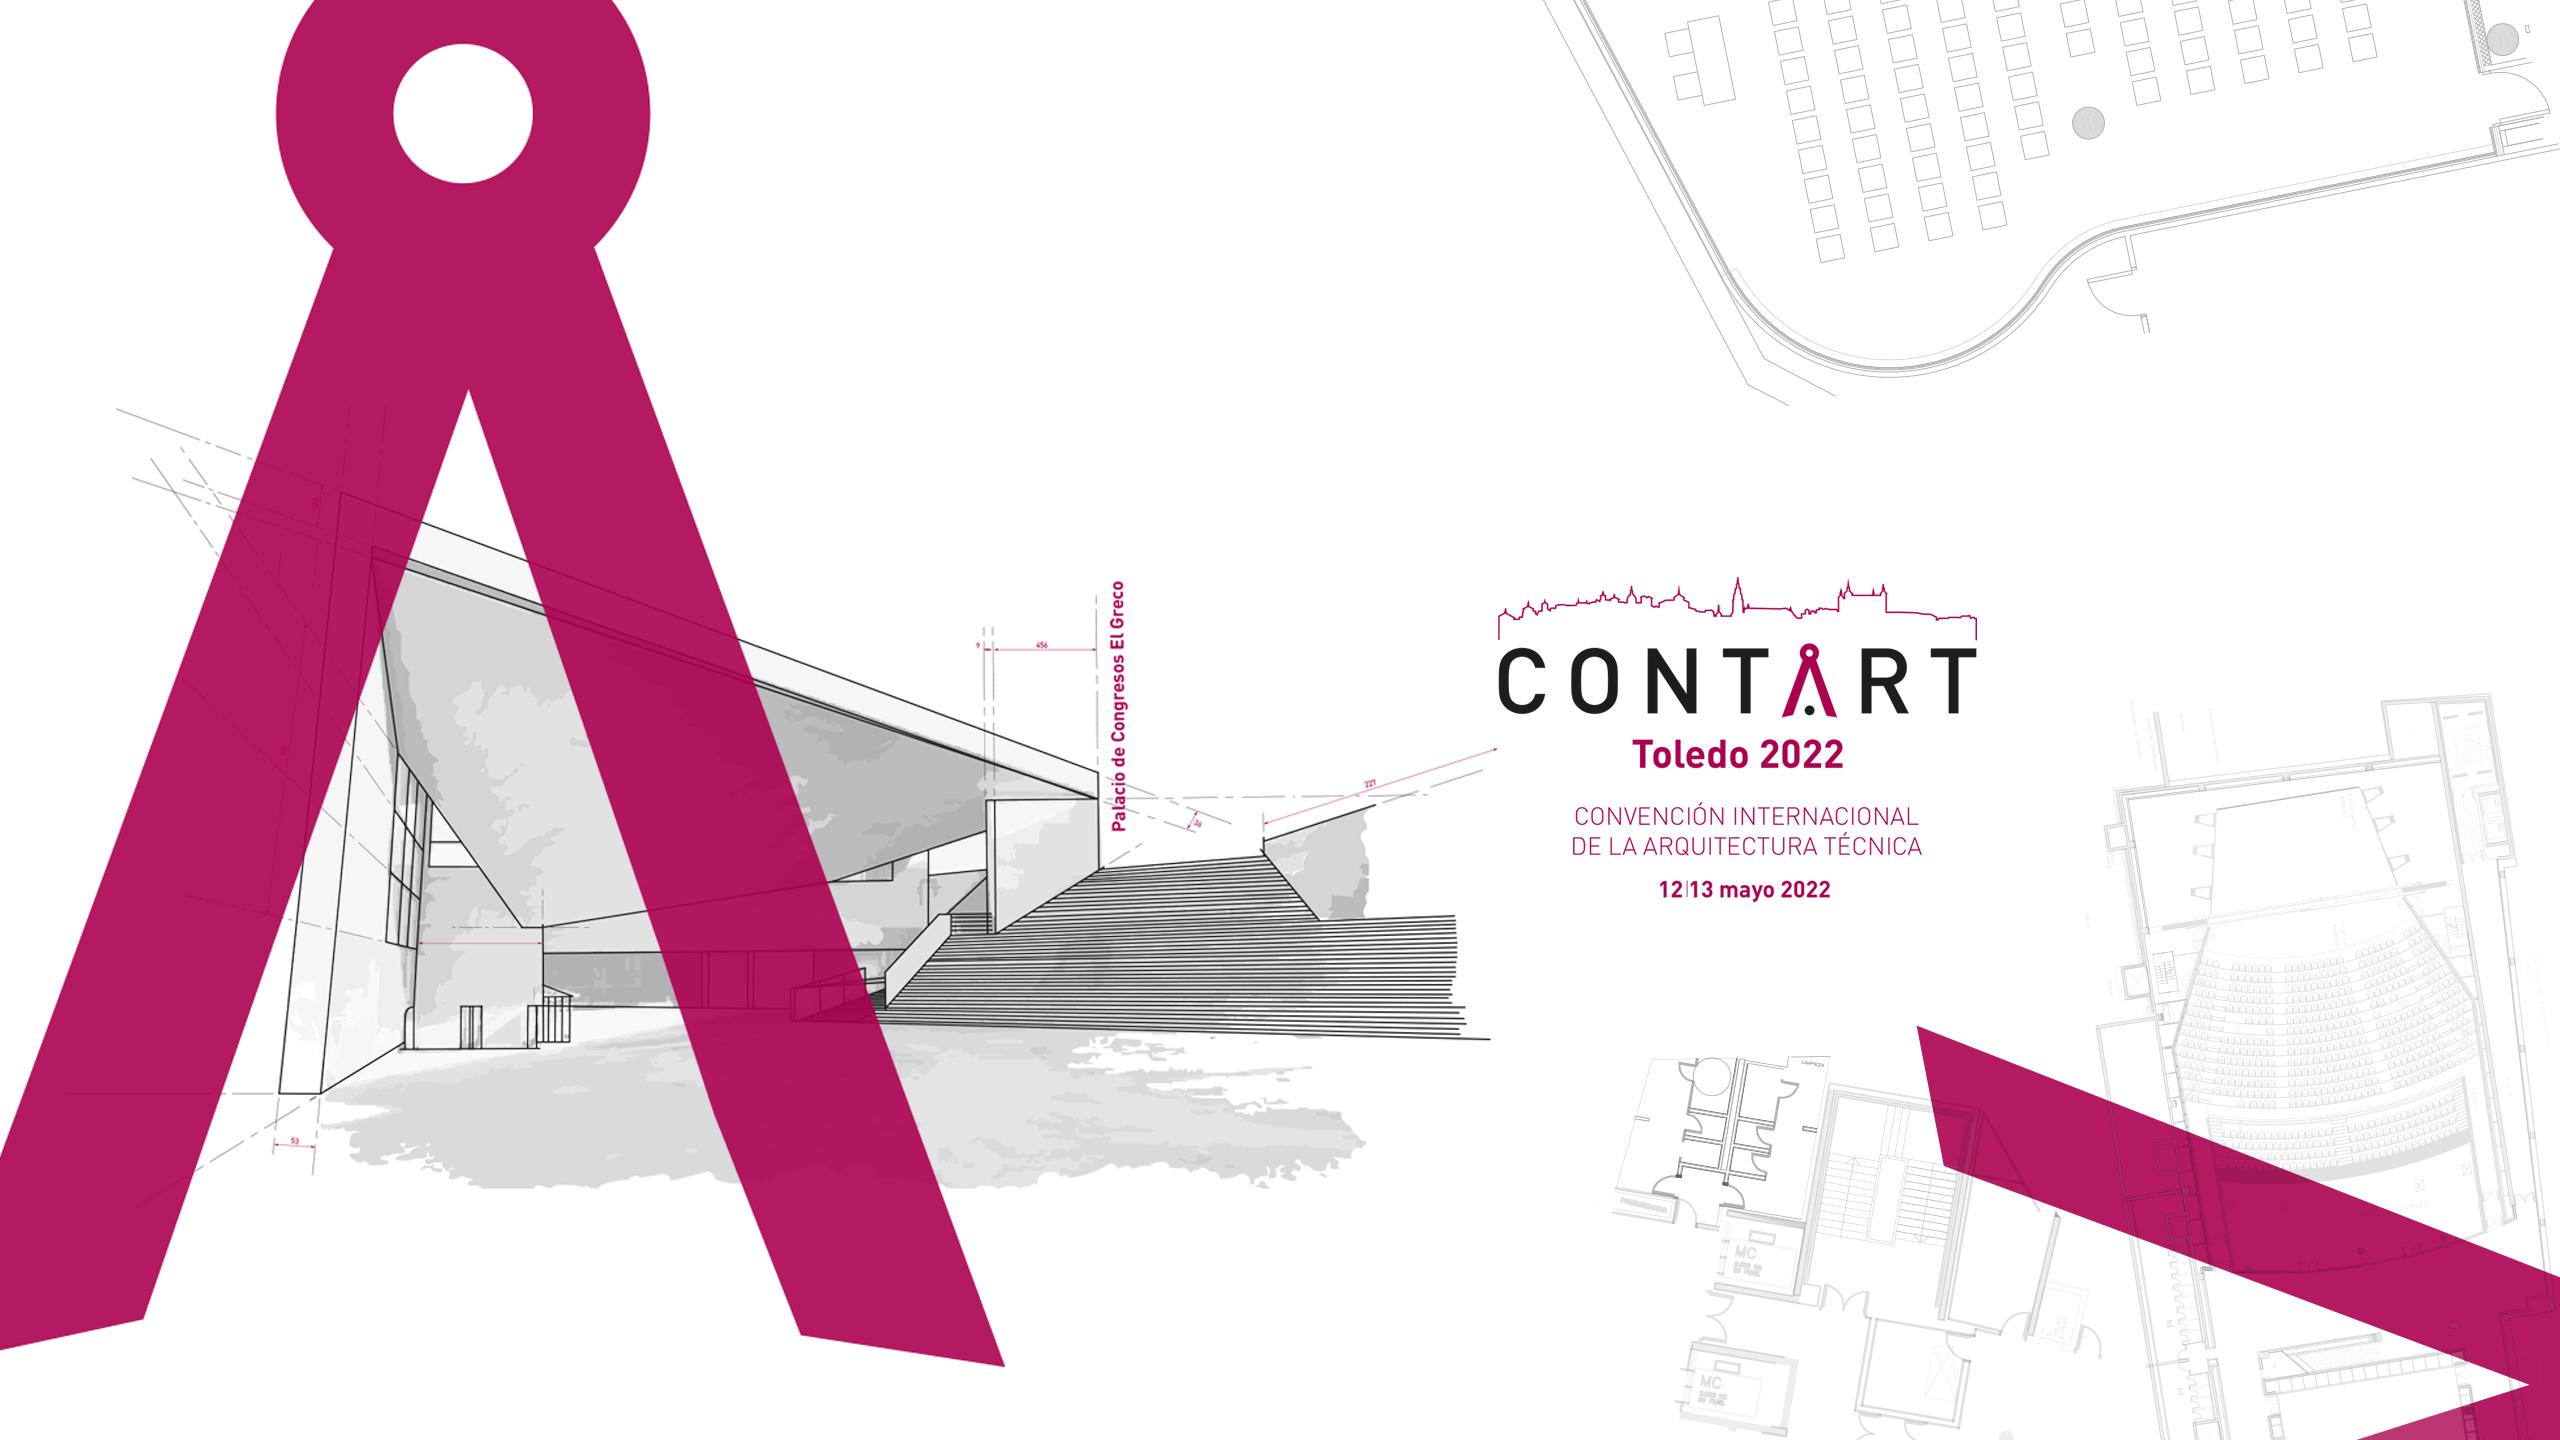 Toledo acogerá el encuentro internacional de la Arquitectura Técnica, CONTART 2022